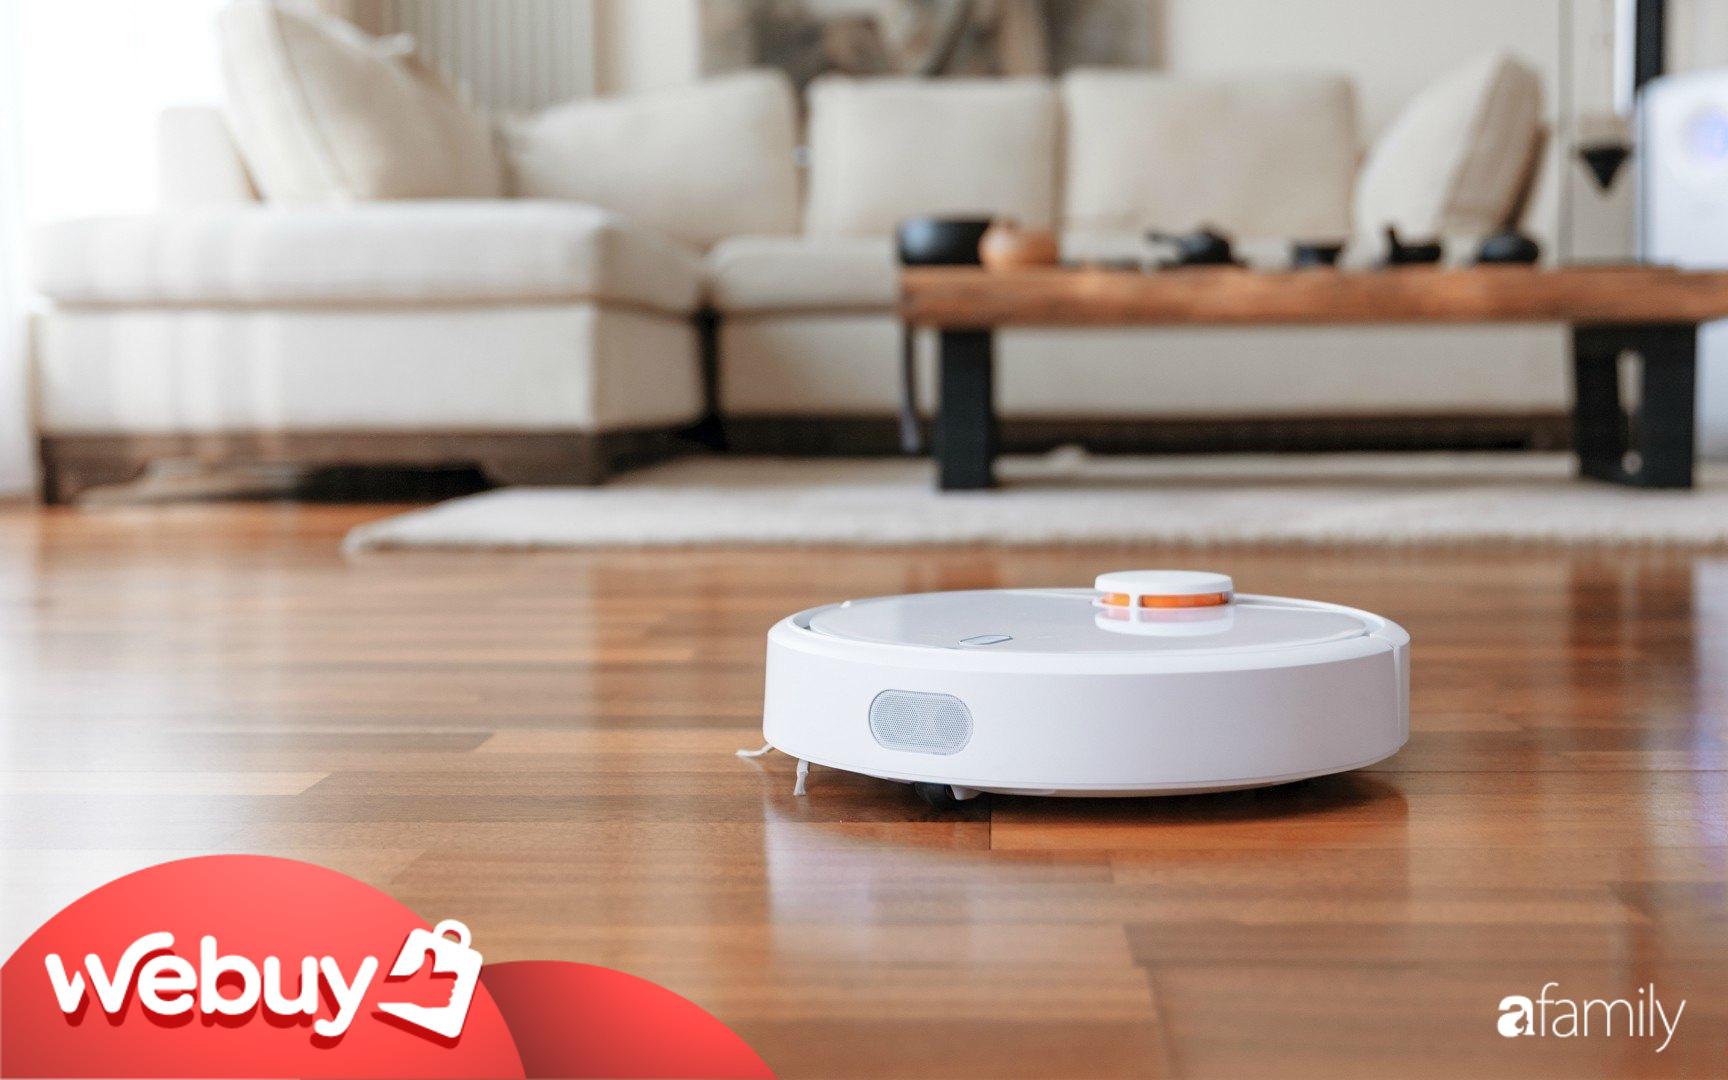 Các mẹ bỉm sữa muốn việc nhà trở nên nhàn tênh thì sắm ngay những chiếc robot hút bụi thông minh này